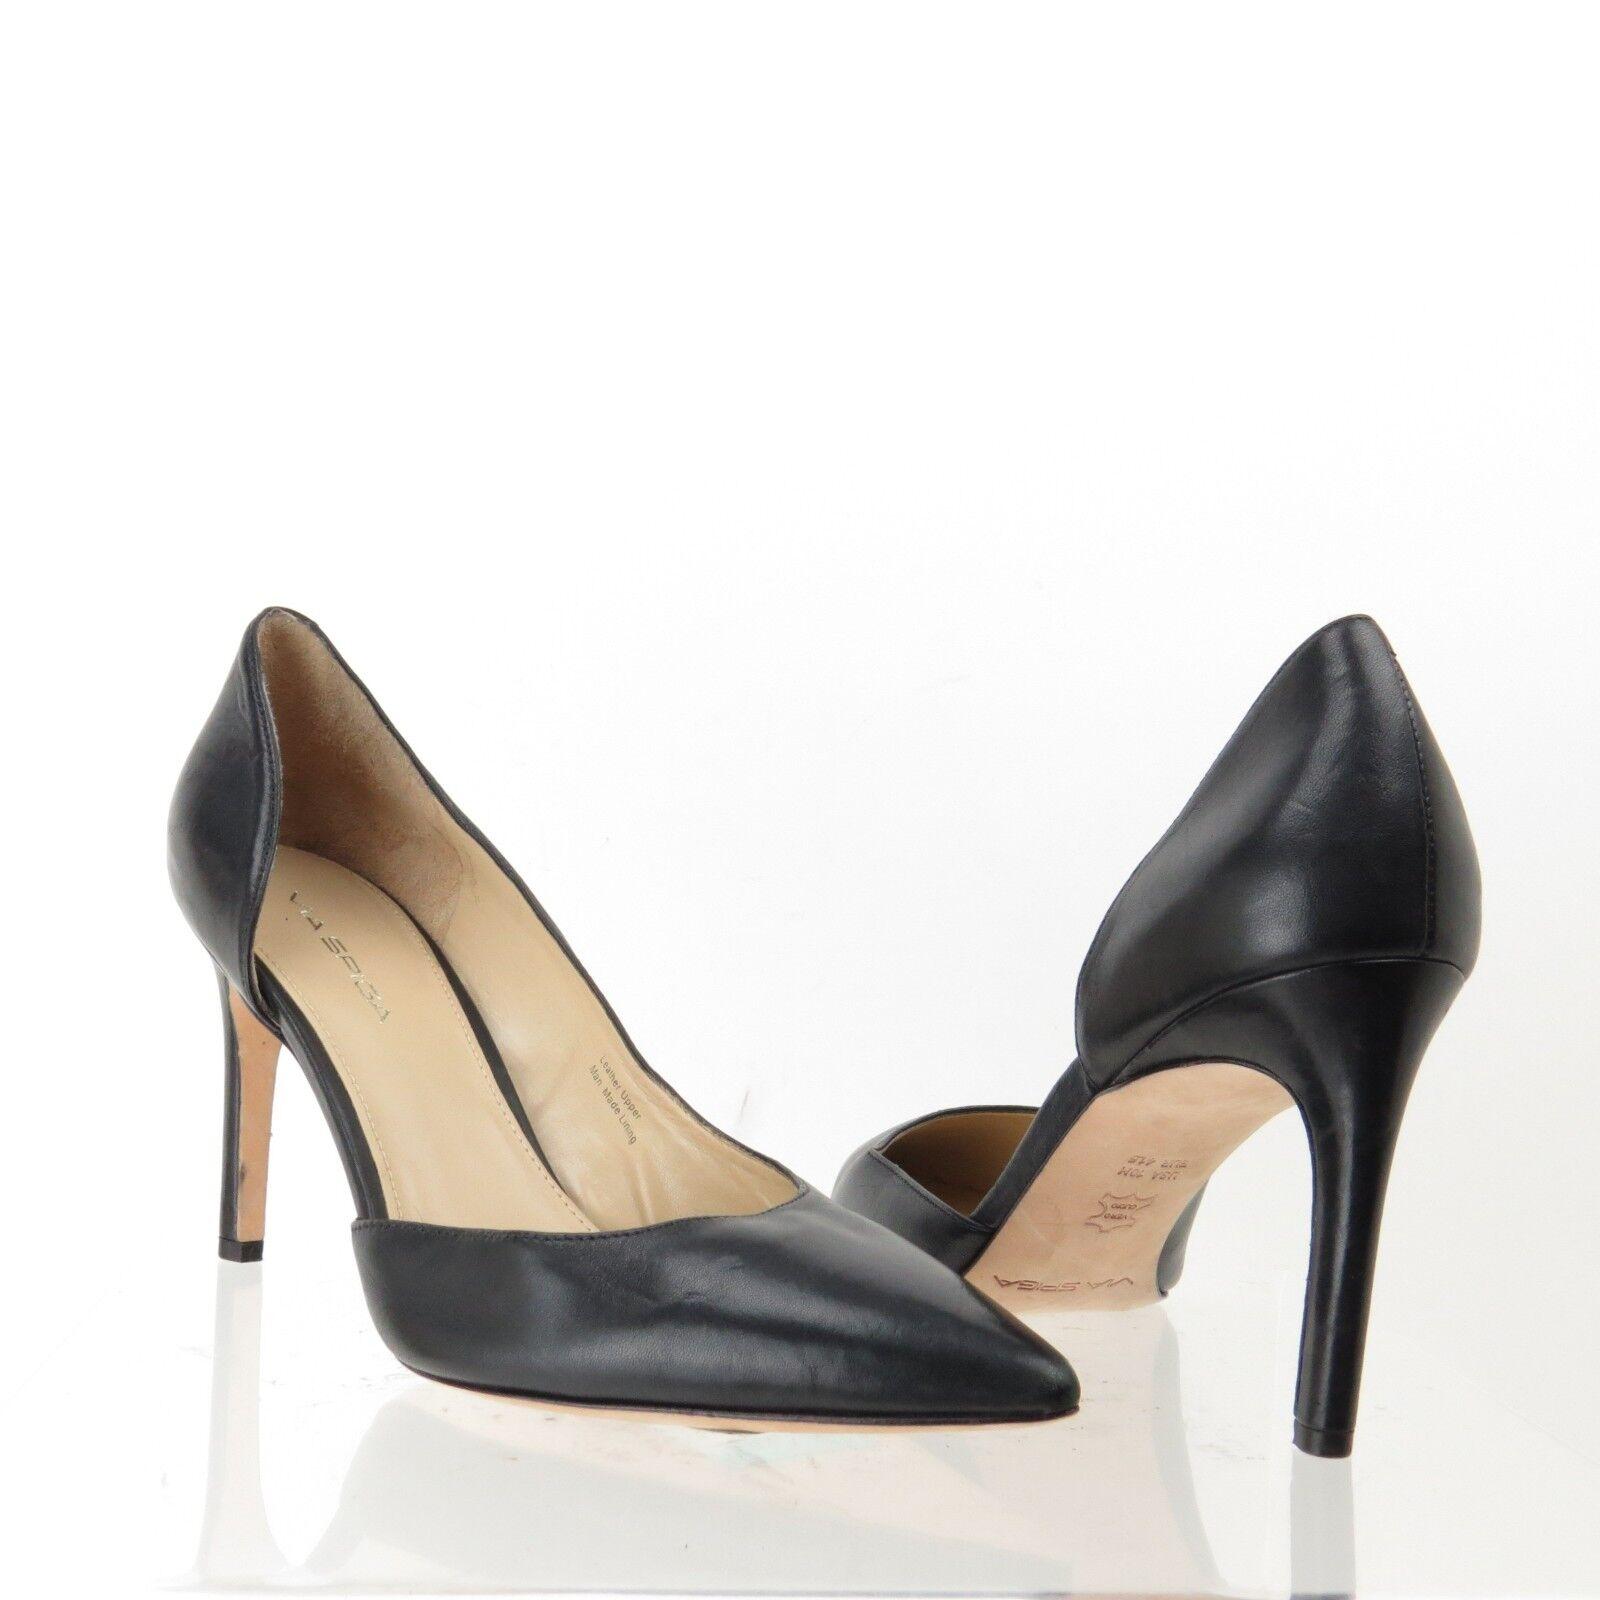 Para mujeres Via Spiga Spiga Spiga Negro Puntera en Punta bombas Clásico Zapatos Taco Alto Talla 10 M Nuevo  Todo en alta calidad y bajo precio.